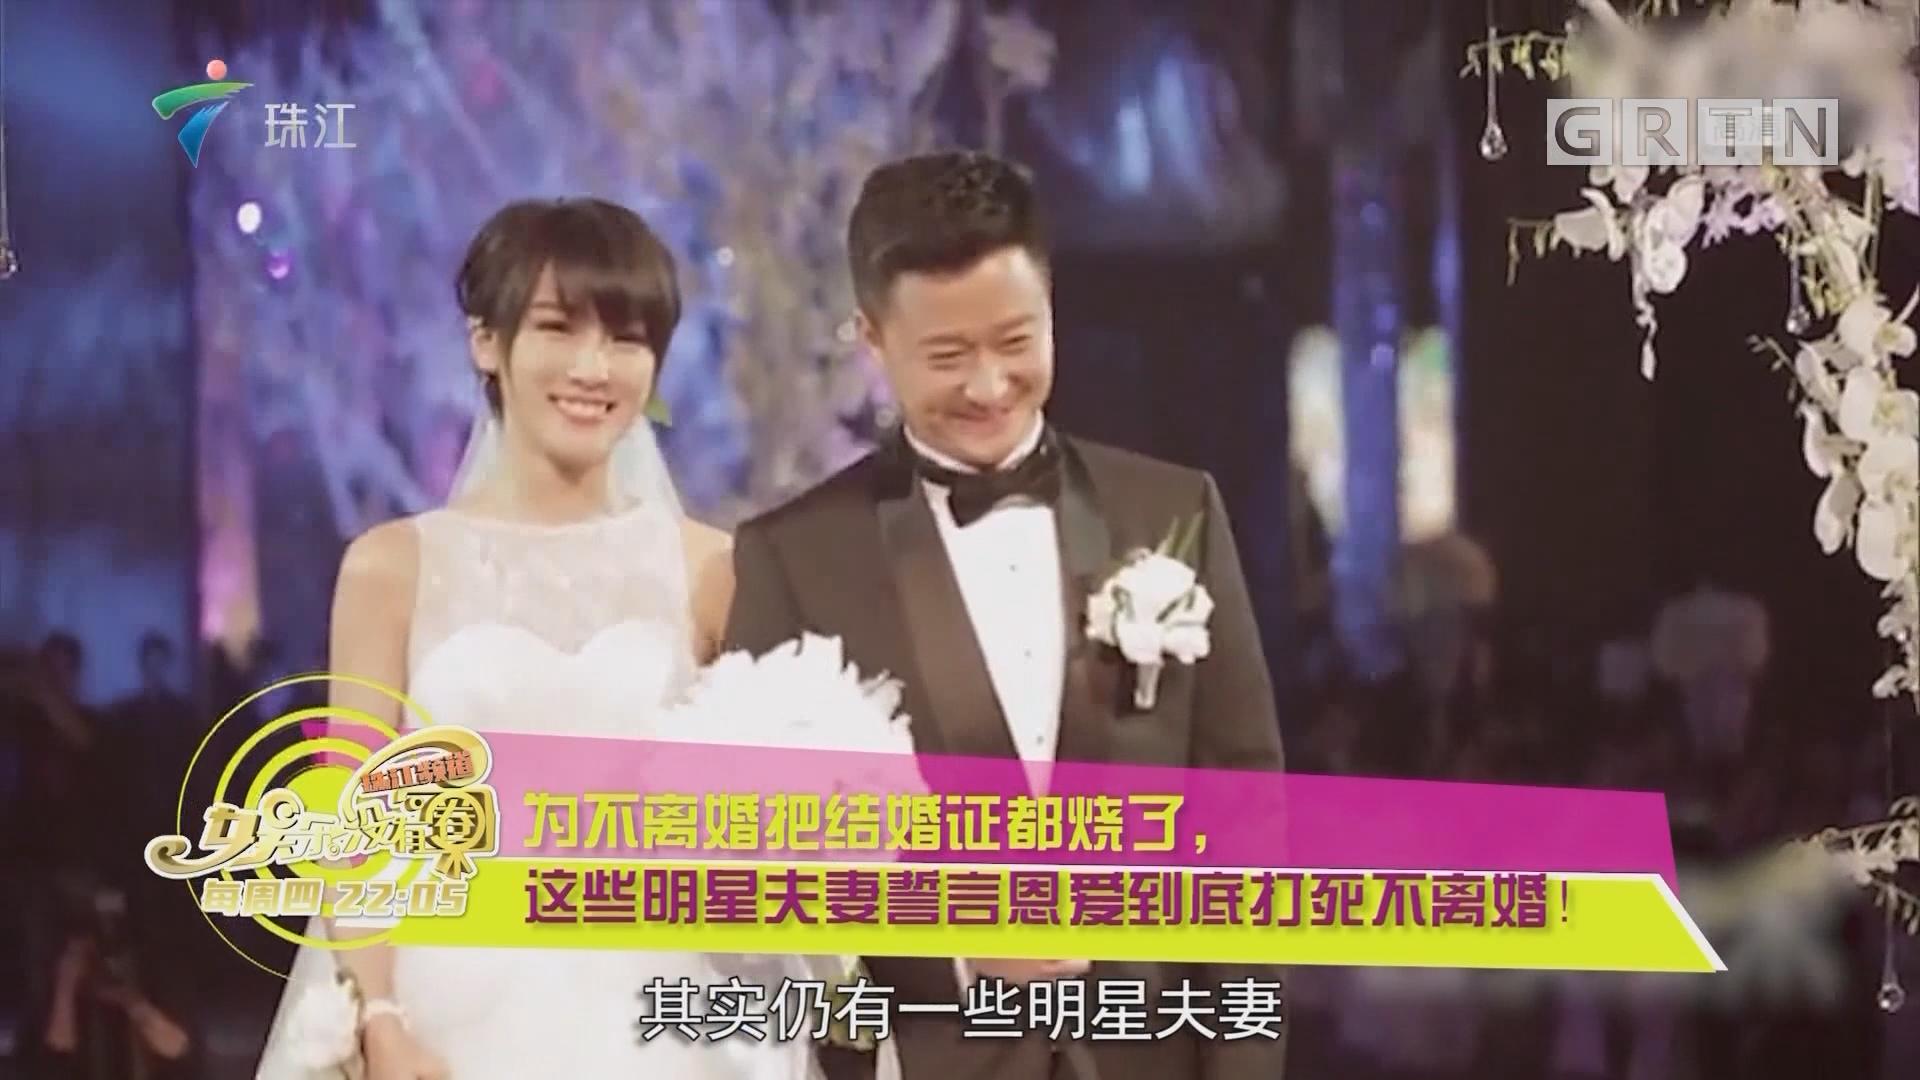 为不离婚把结婚证都烧了,这些明星夫妻誓言恩爱到底打死不离婚!